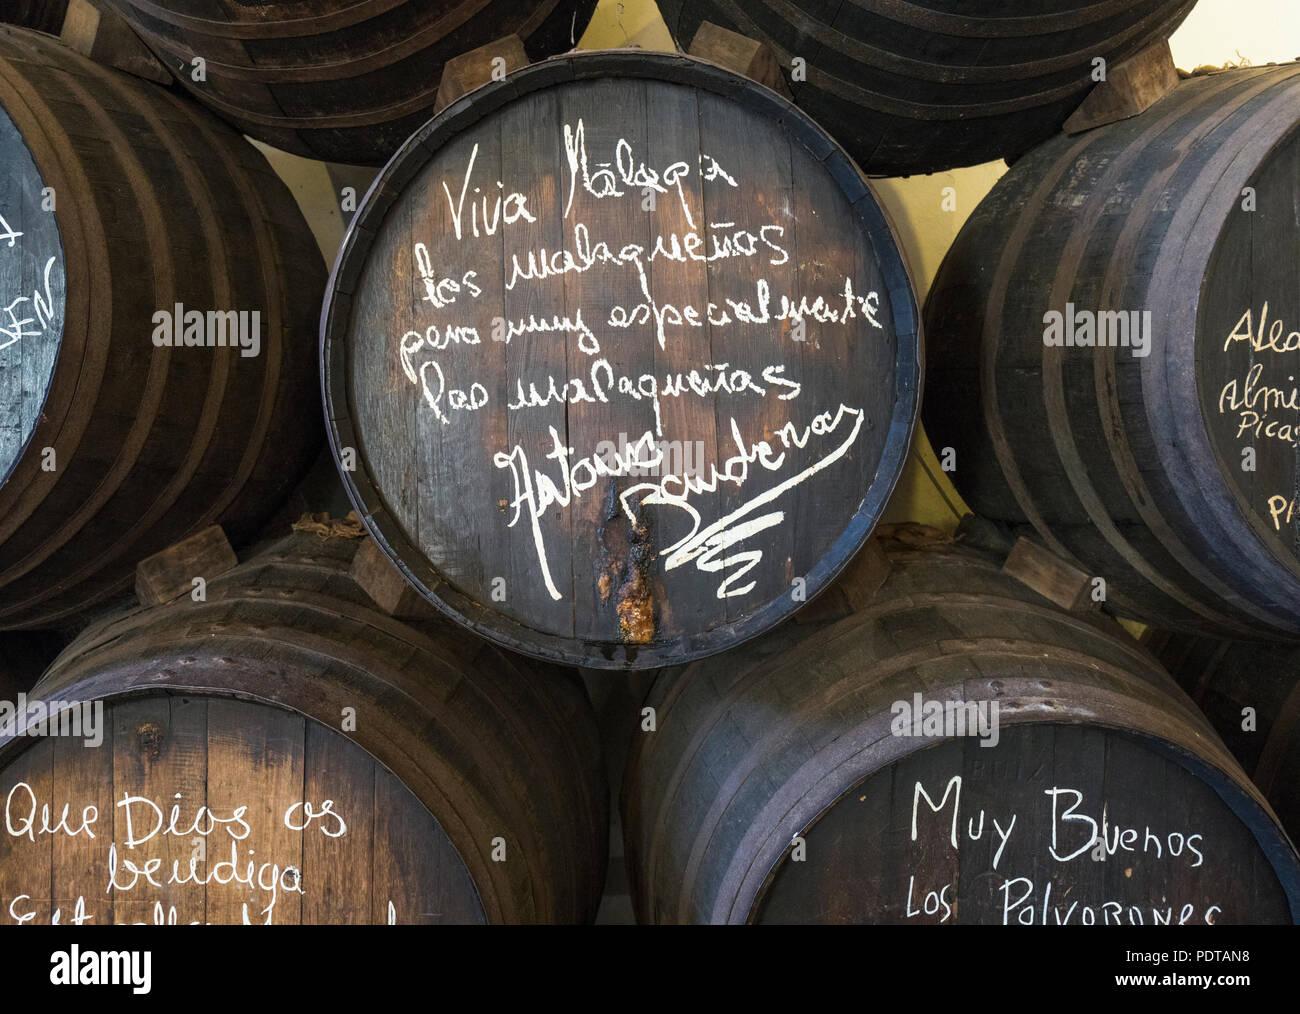 Malaga, Costa del Sol, Provinz Malaga, Andalusien, Südspanien. Alten Weinfass in Bar El Pimpi mit Beschriftung und Unterschrift von Malaga - geborener Schauspieler Stockbild